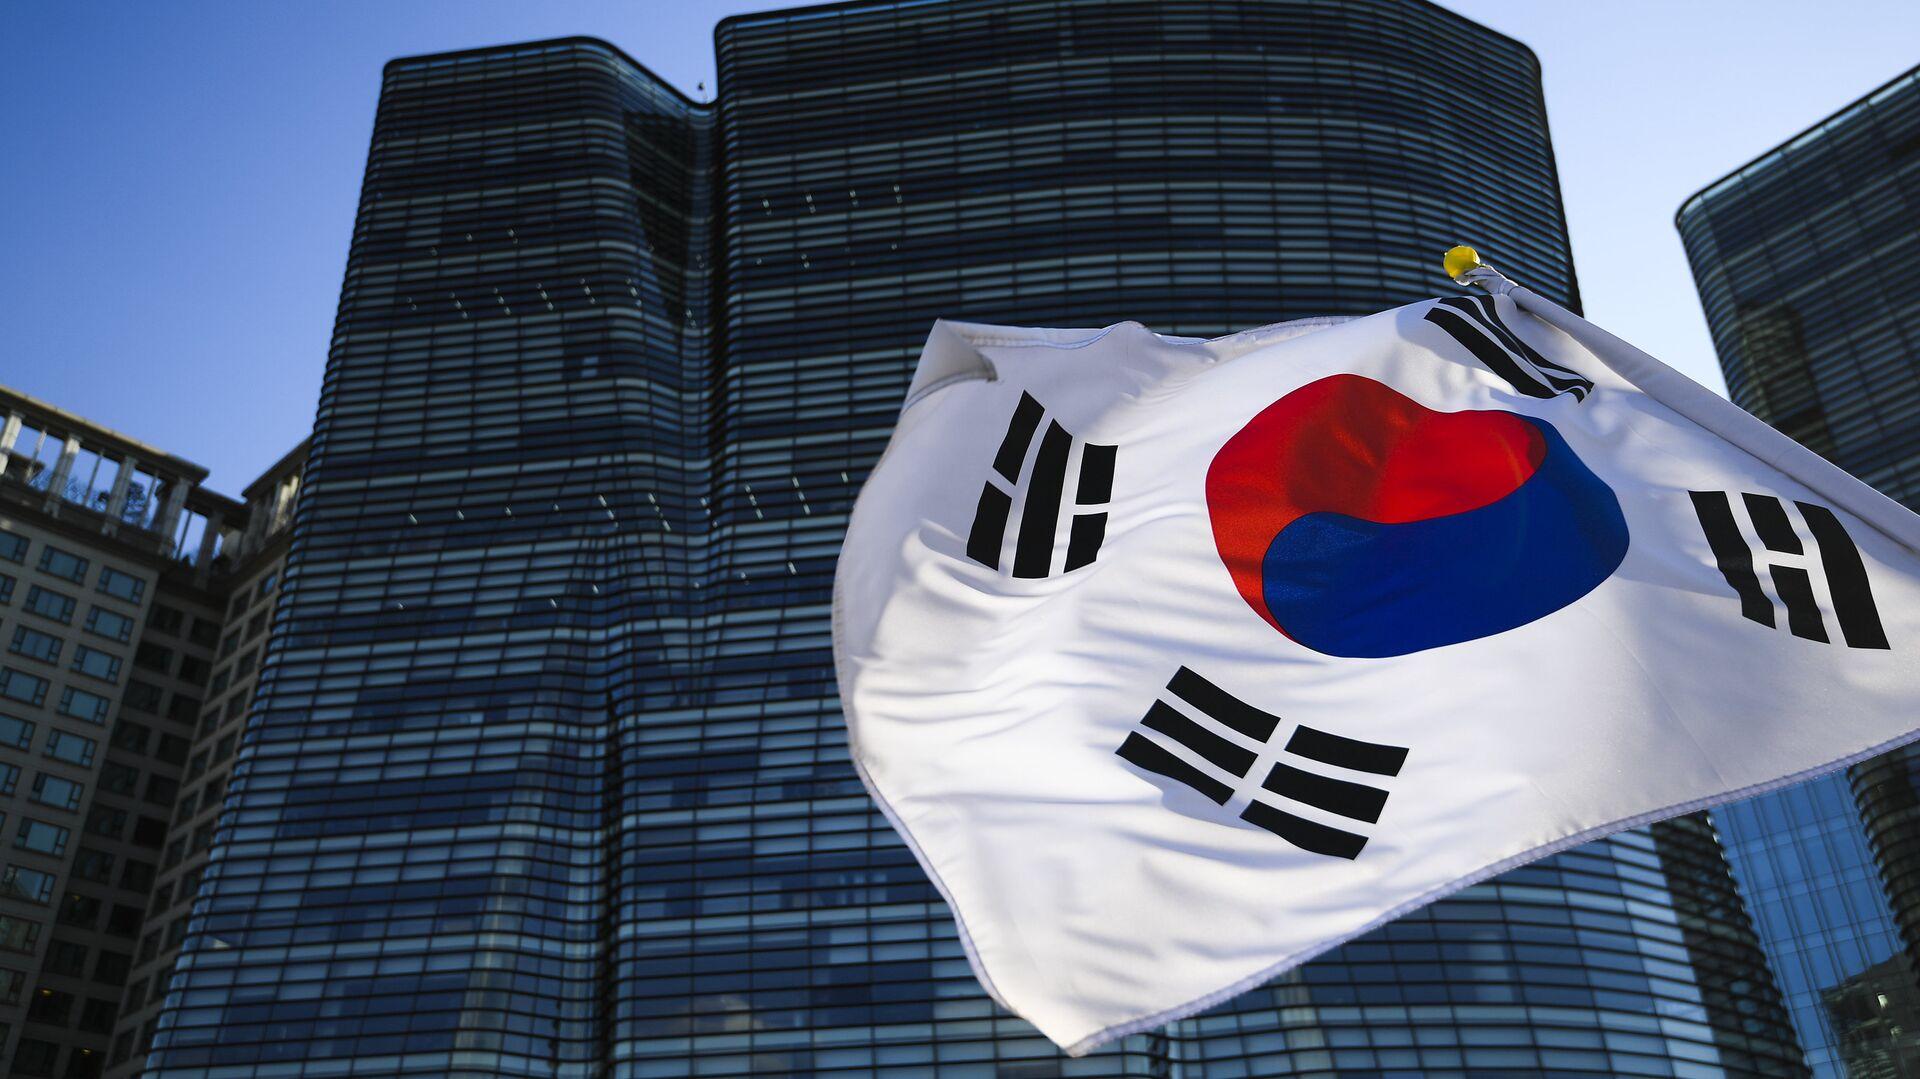 La bandiera della Corea del Sud - Sputnik Italia, 1920, 16.09.2021